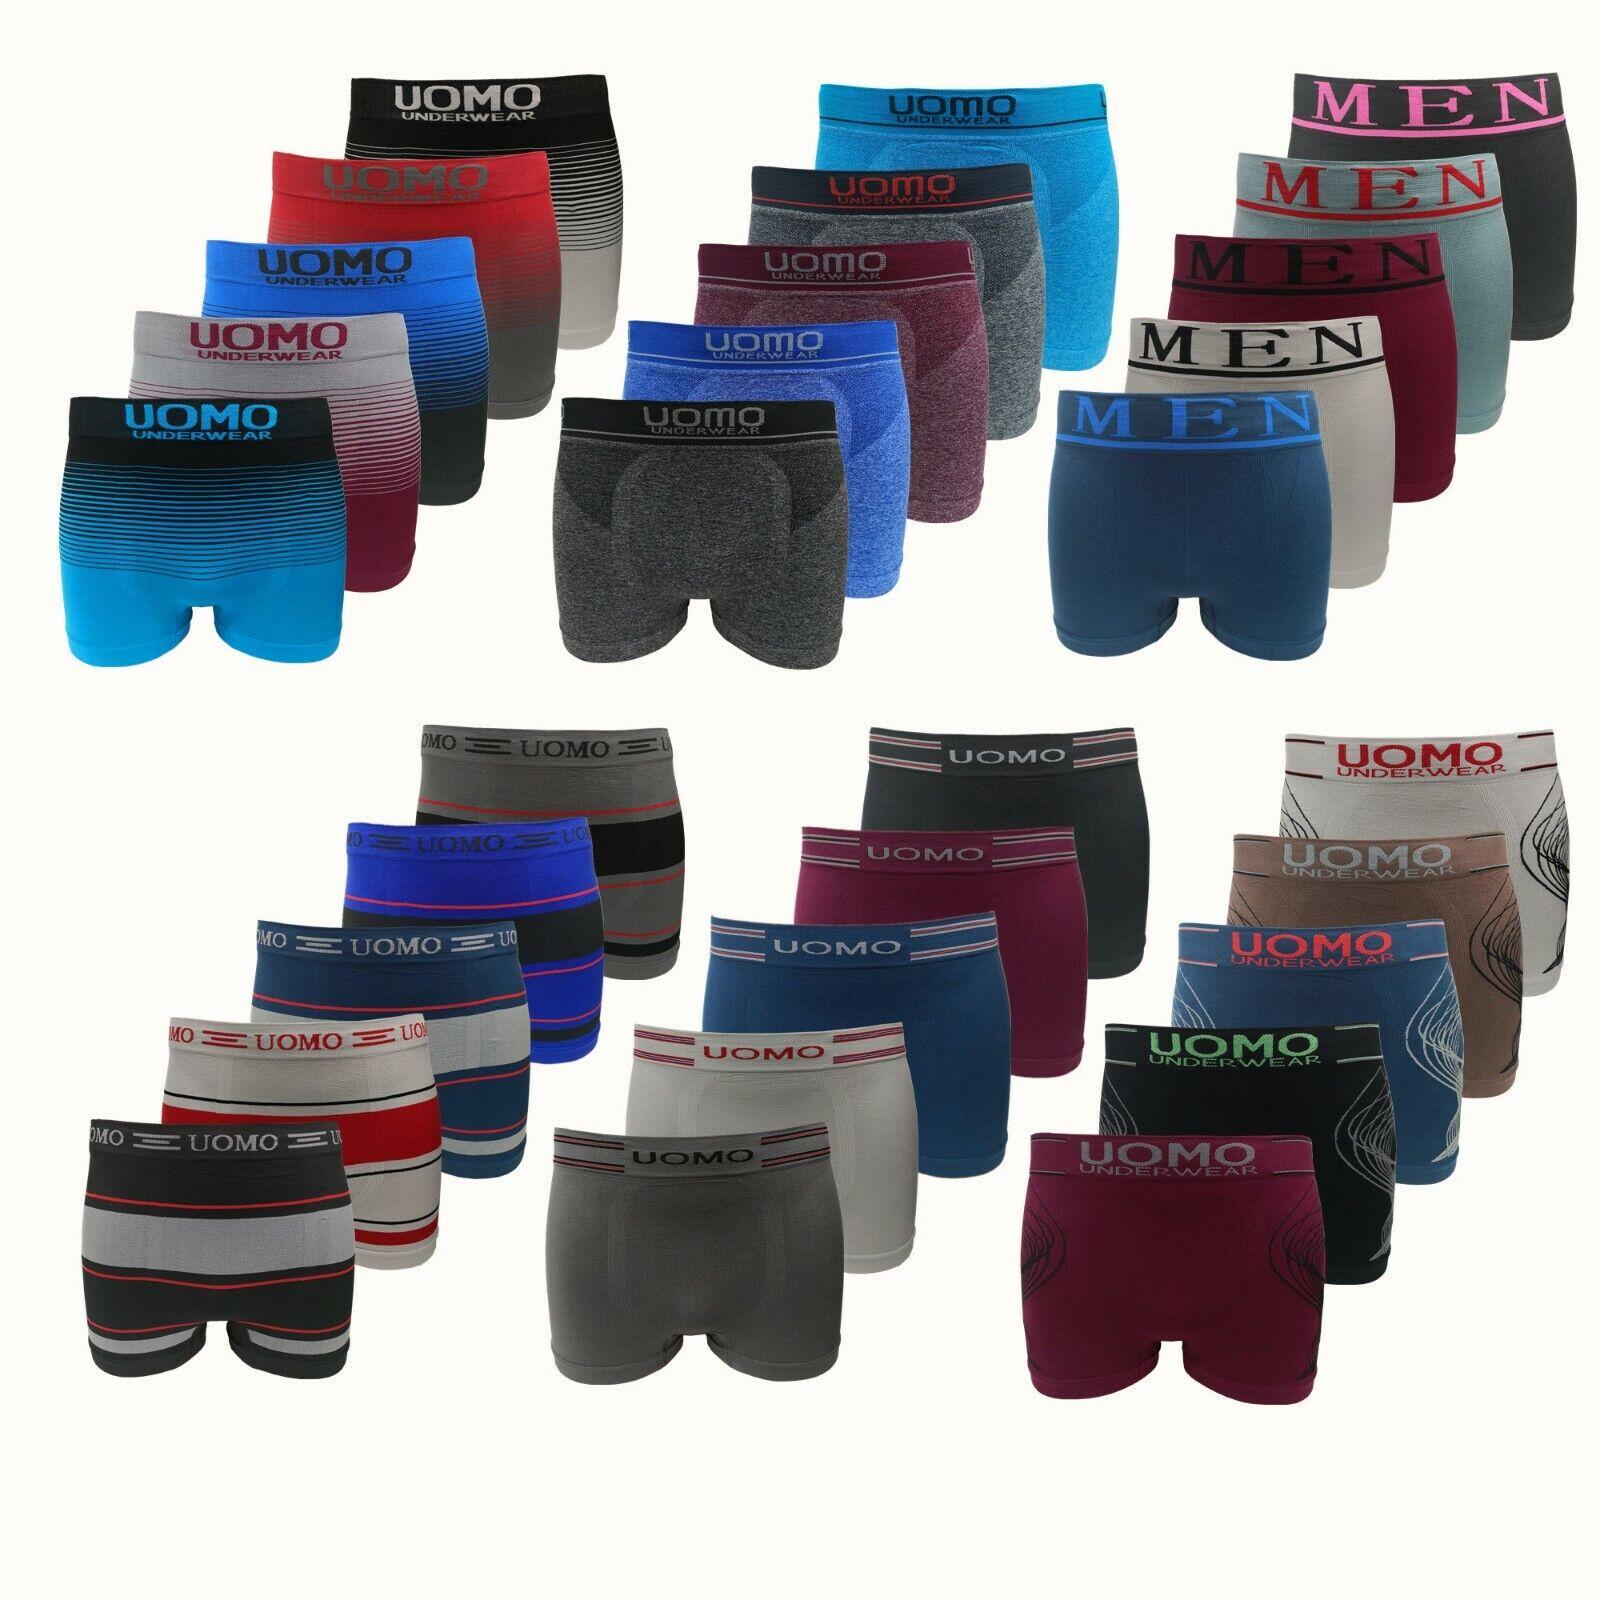 10er UOMO Boxershorts Retroshort Pants Unterwäsche Unterhose Herren Microfaser